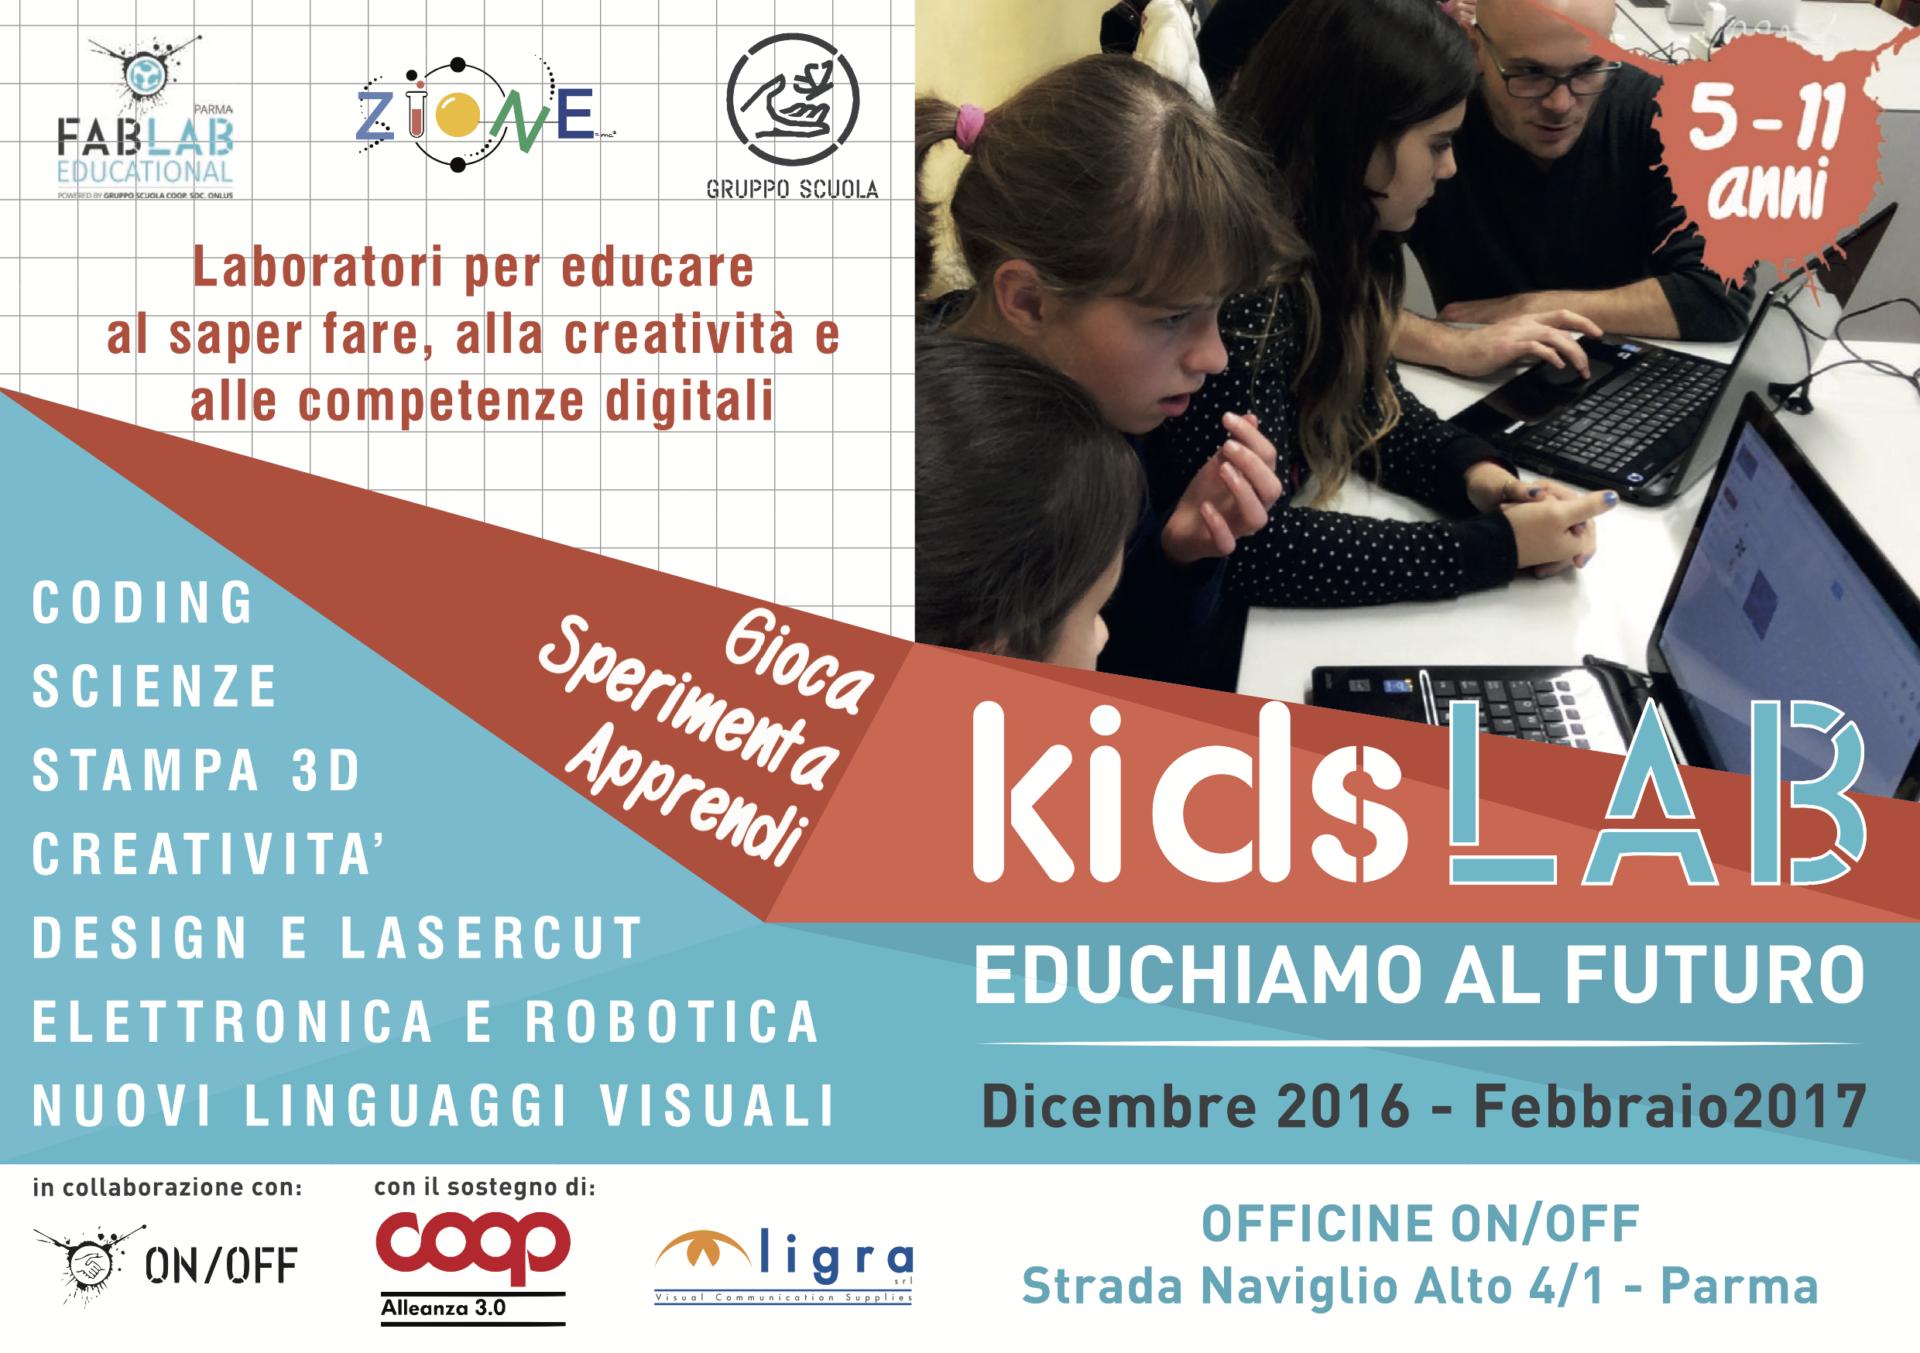 KidsLab - Educhiamo al Futuro 1